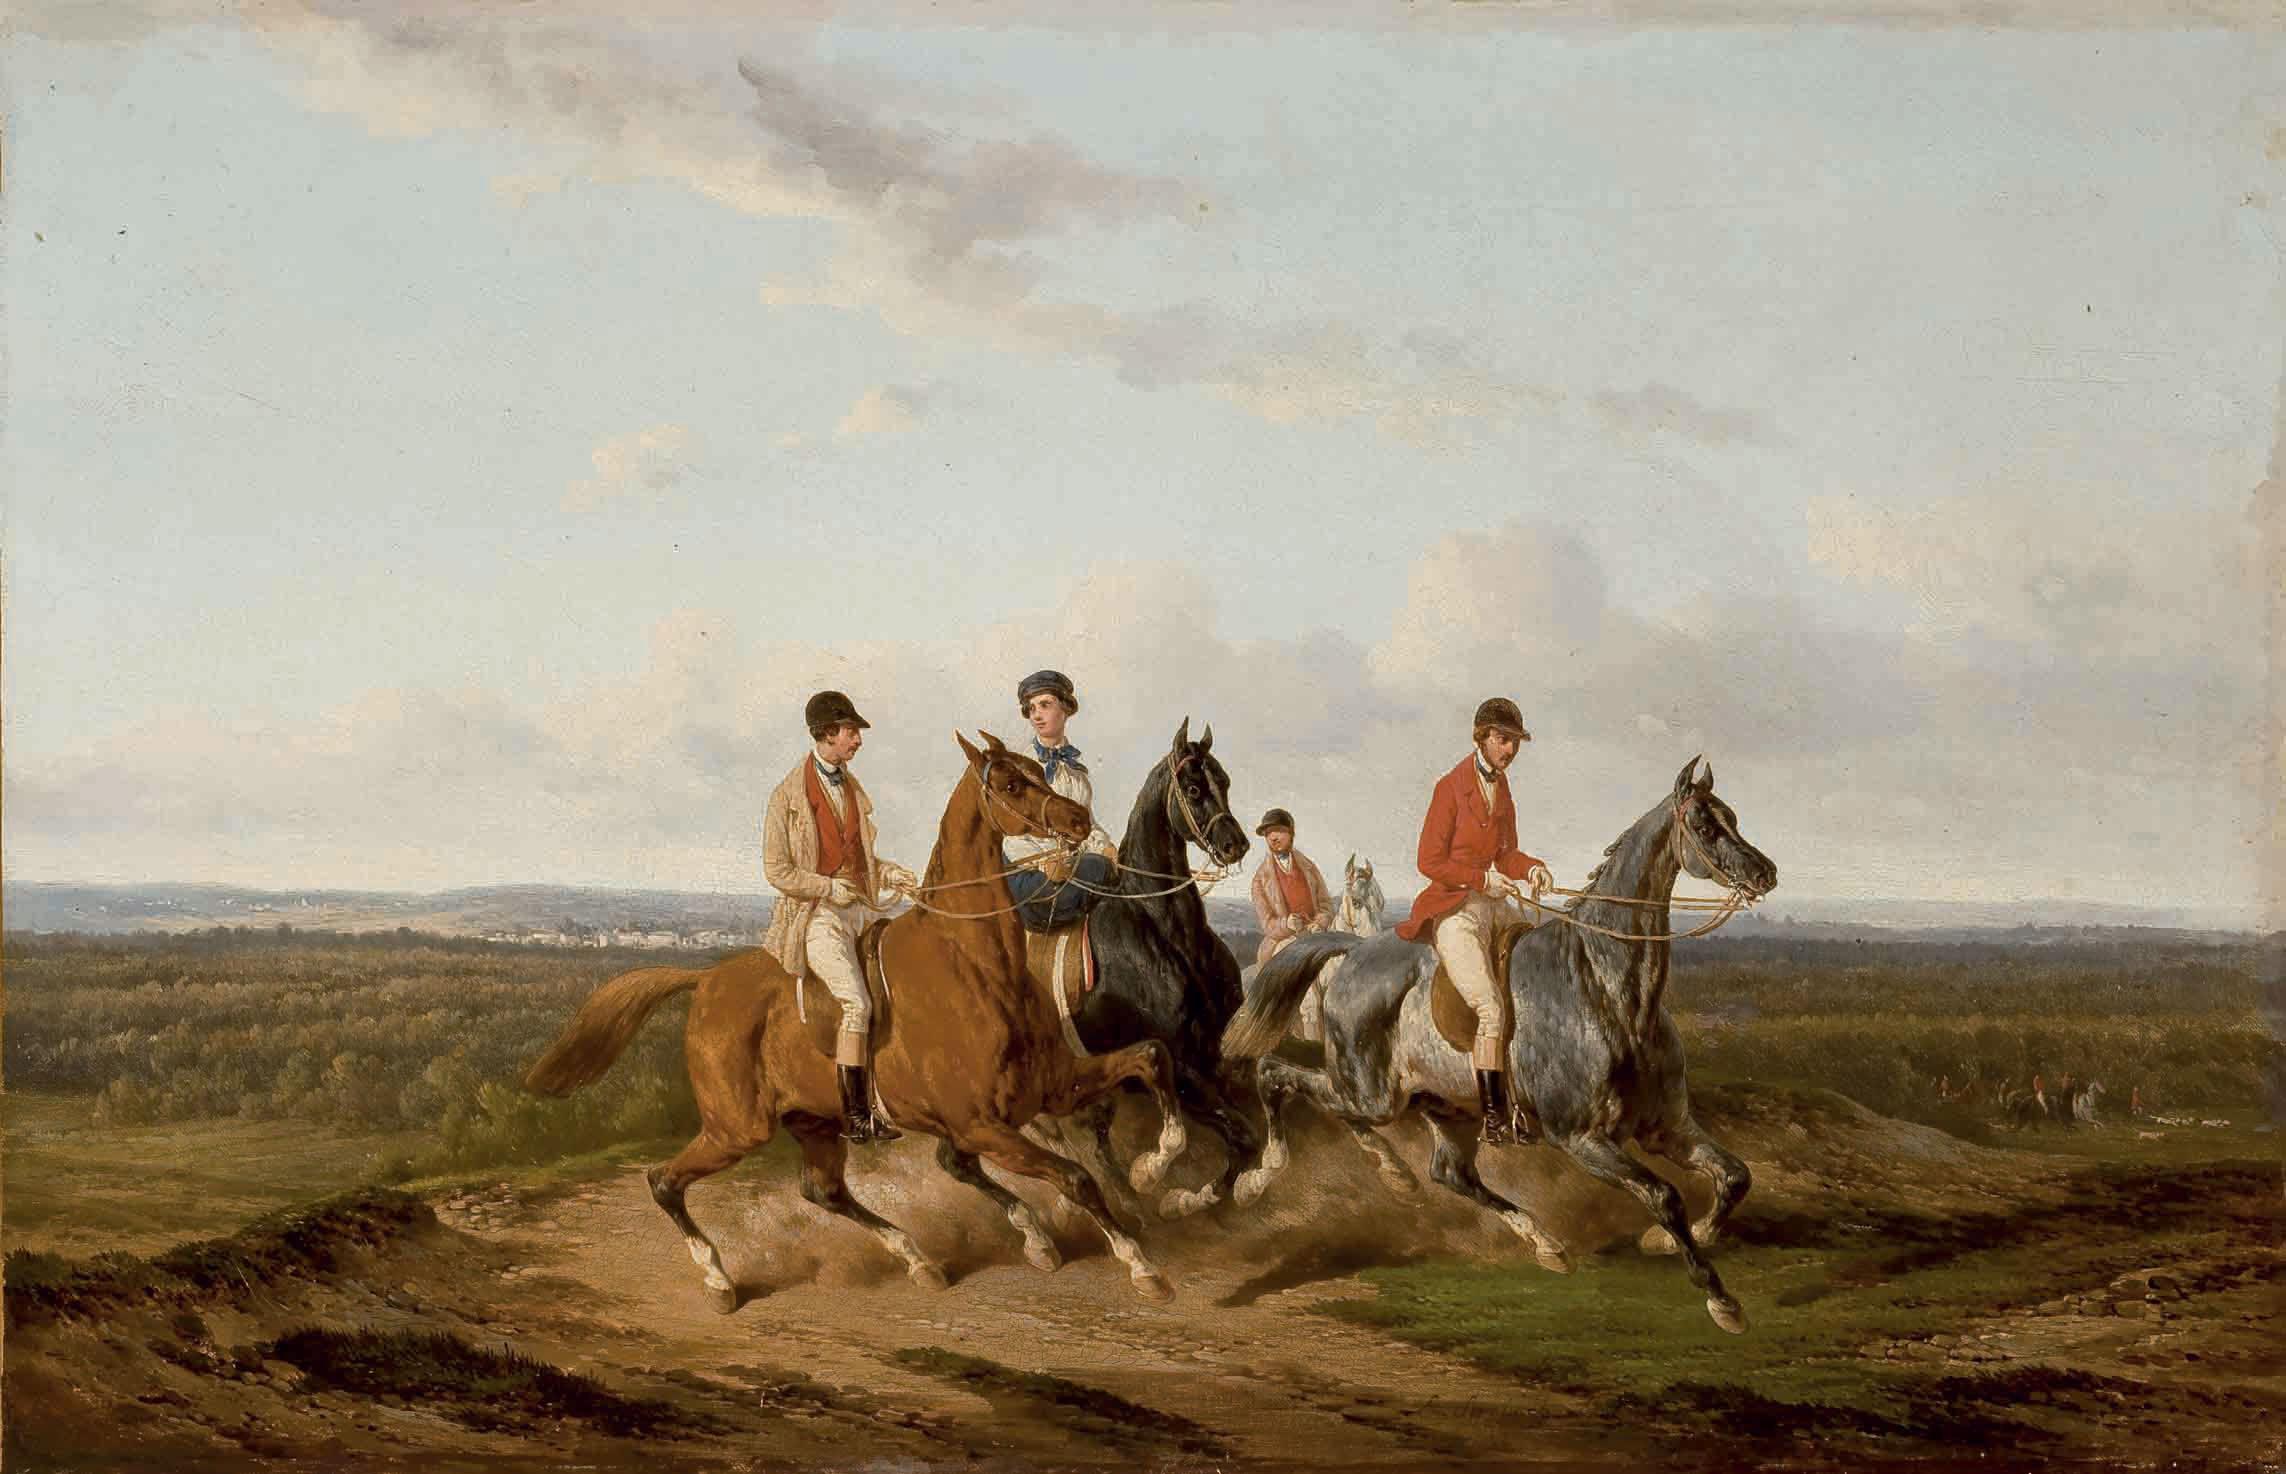 Promenade de cavaliers